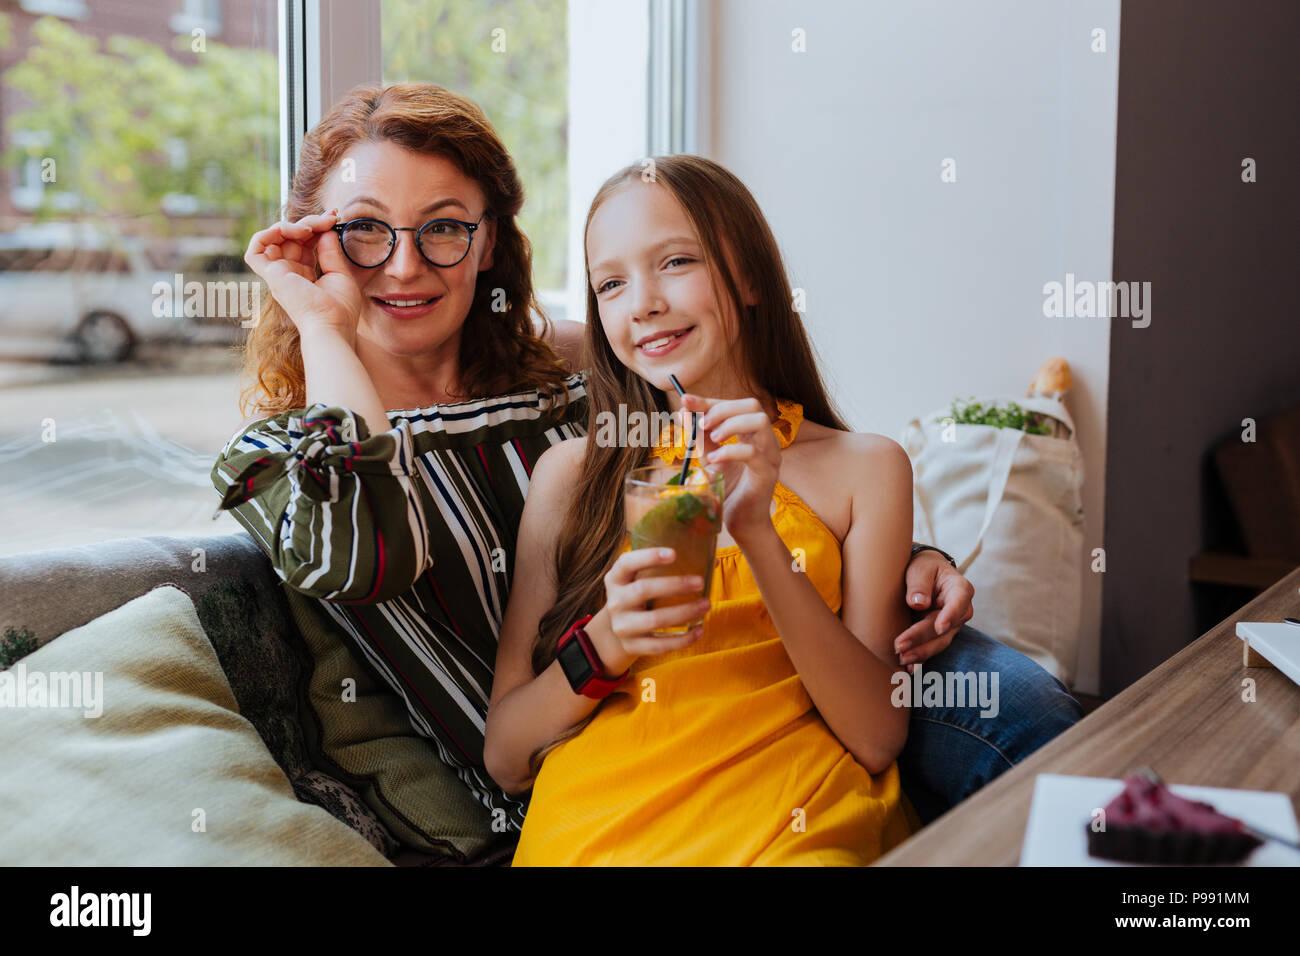 Madre pelirrojo con gafas abrazando a su agradable chica Imagen De Stock